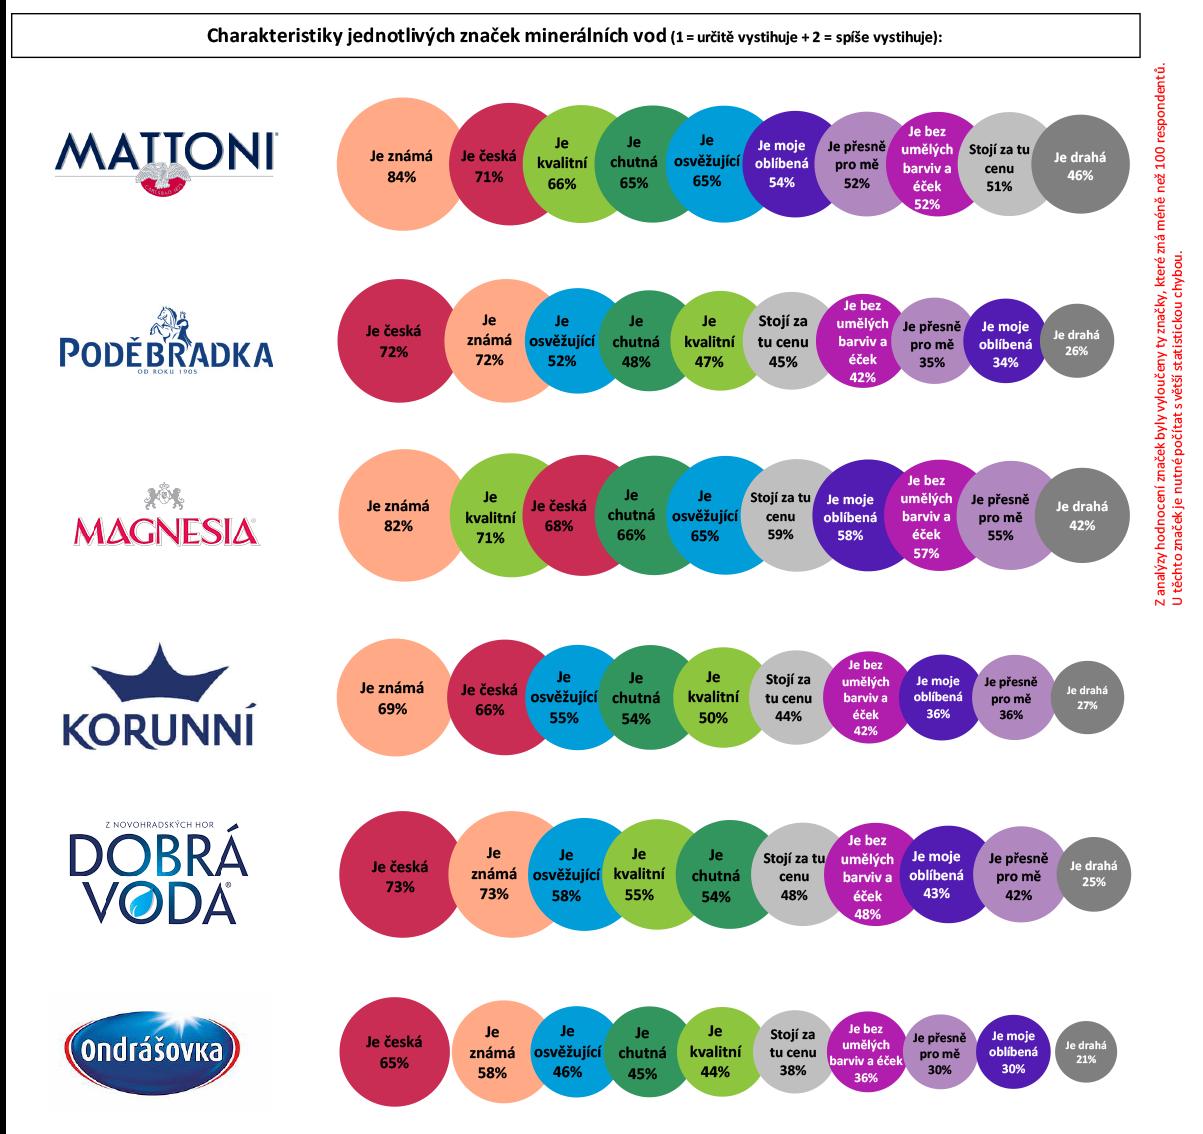 Charakteristika značek minerálních vod podle Čechů online. Zdroj: Český národní panel, Nielsen Admosphere